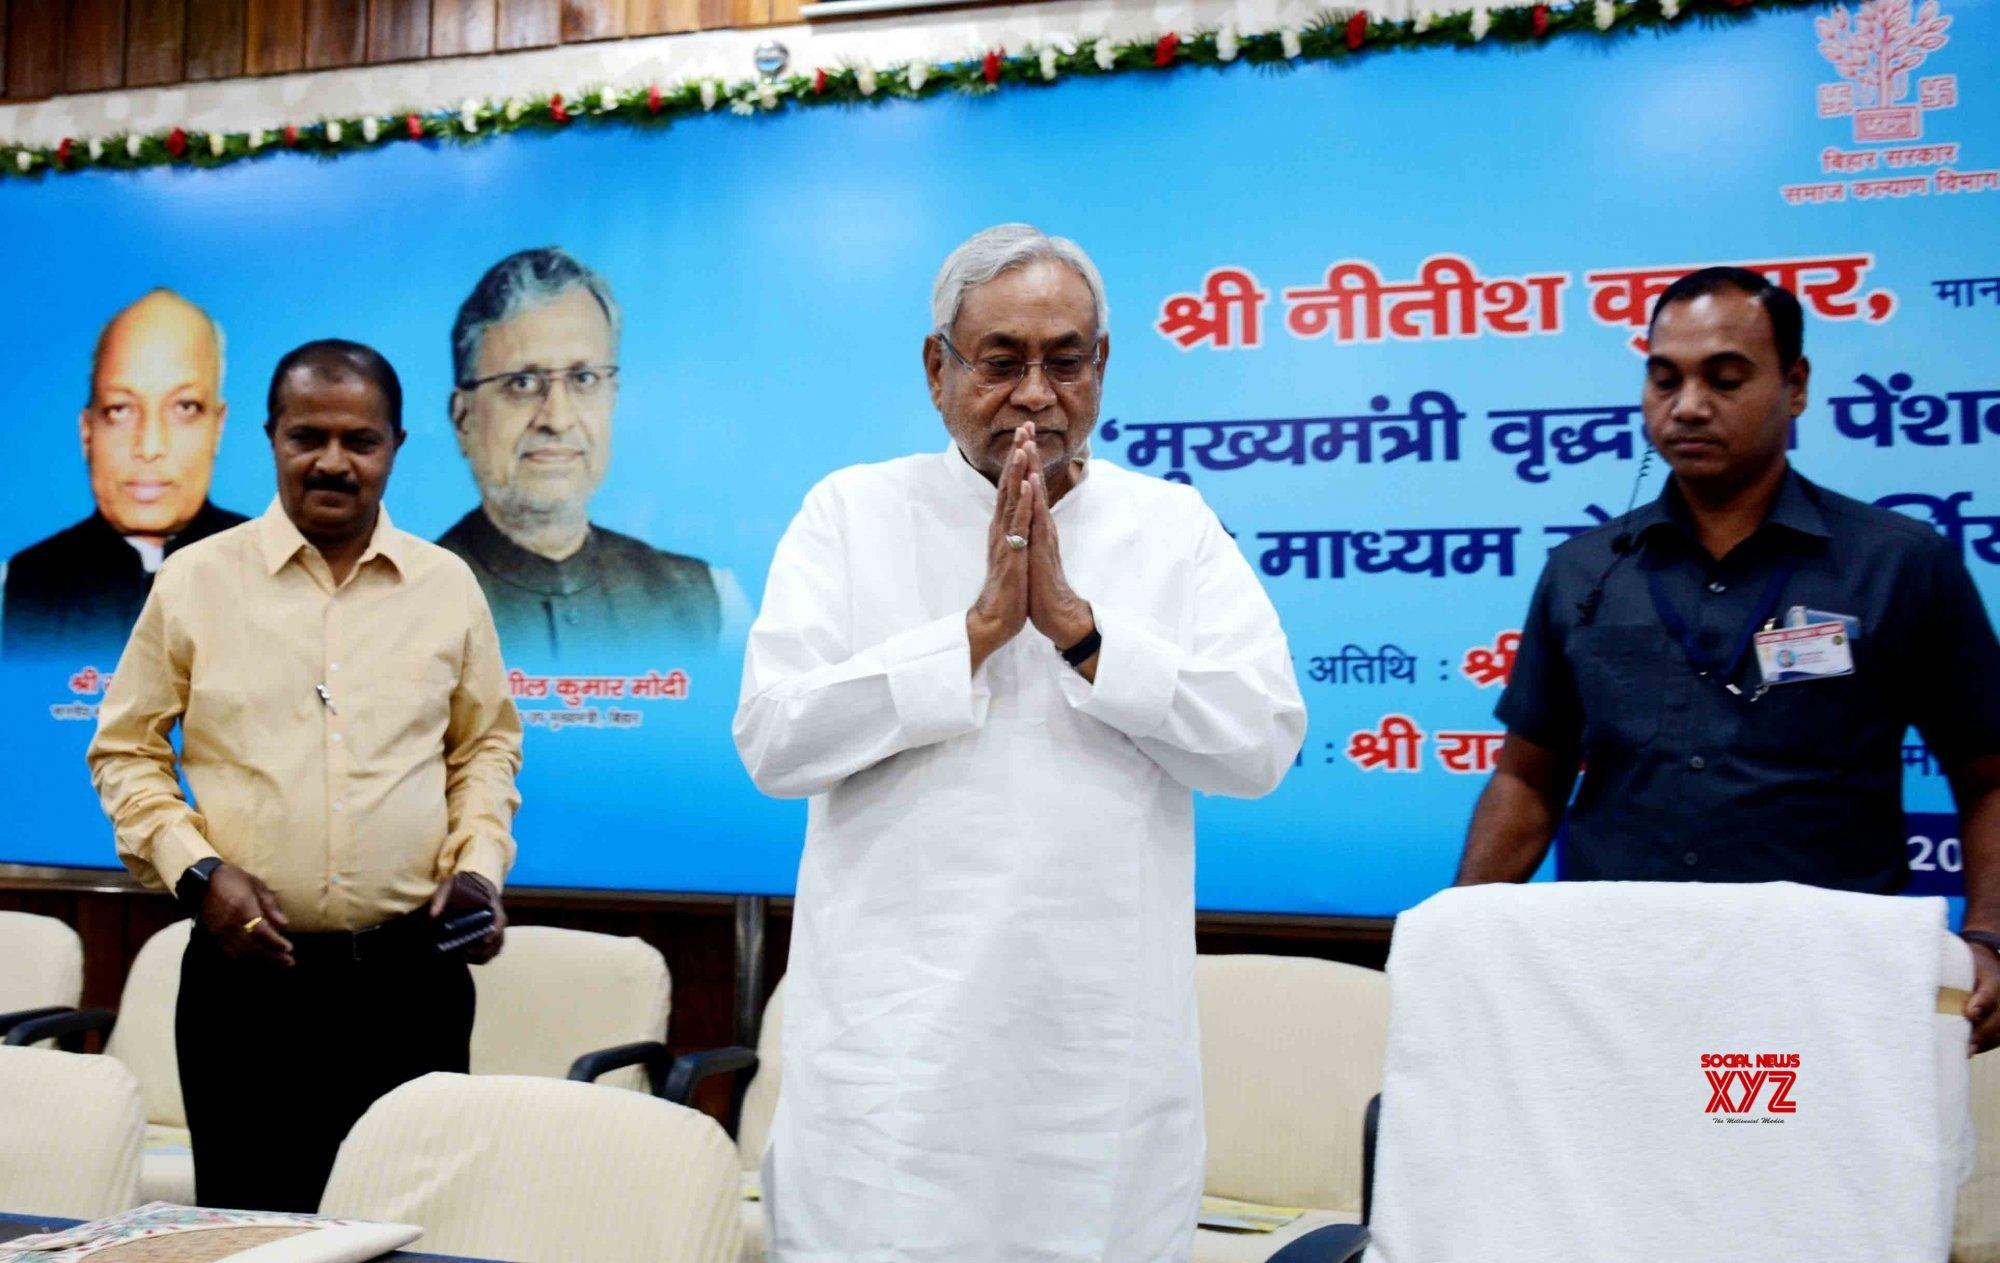 Patna: Bihar CM during a programme #Gallery